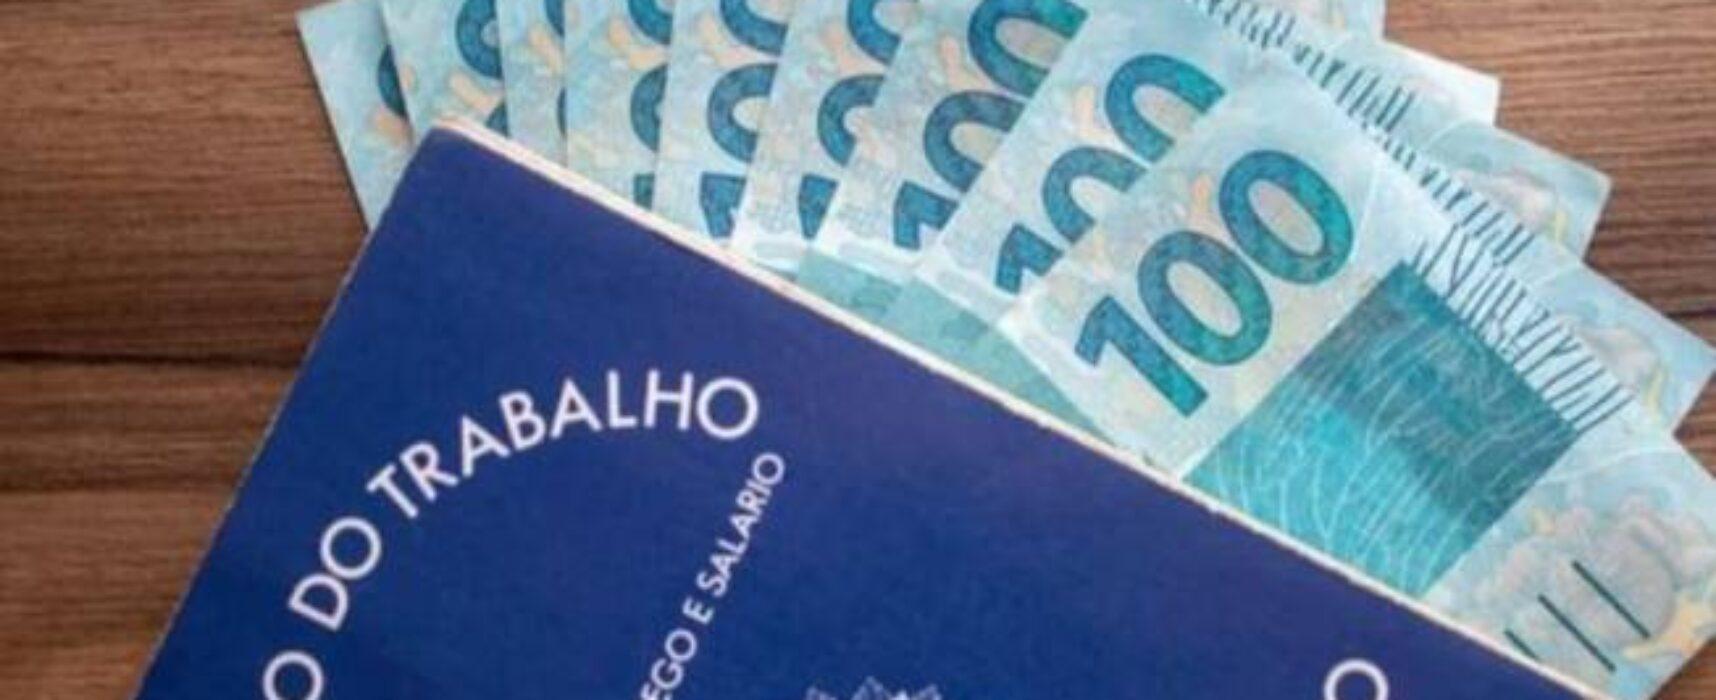 Governo libera novo salário mínimo para 2022, 2023 e 2024